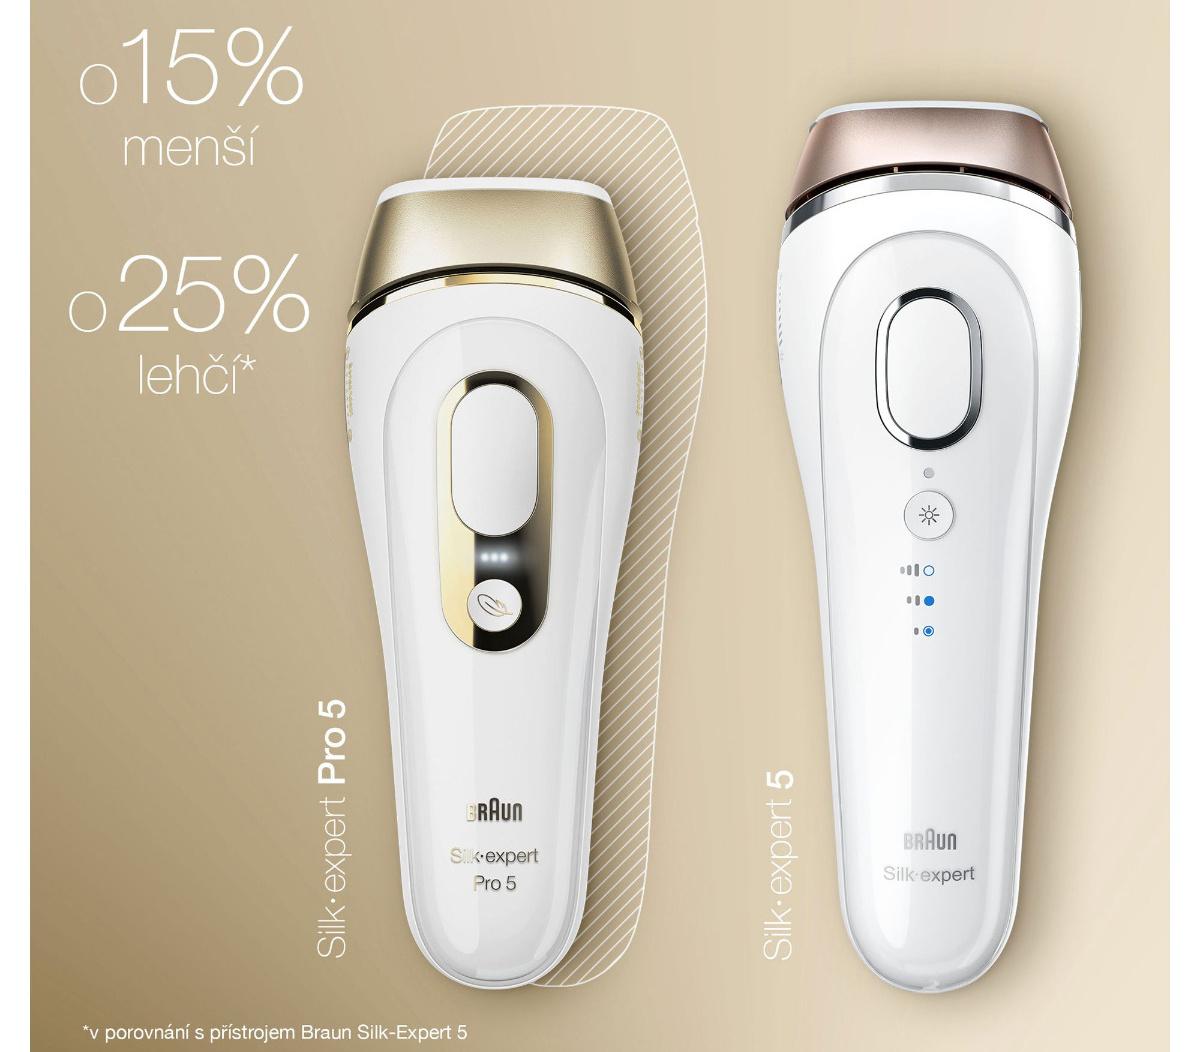 Braun Silk expert Pro5 PL5117 IPL epilátor2x